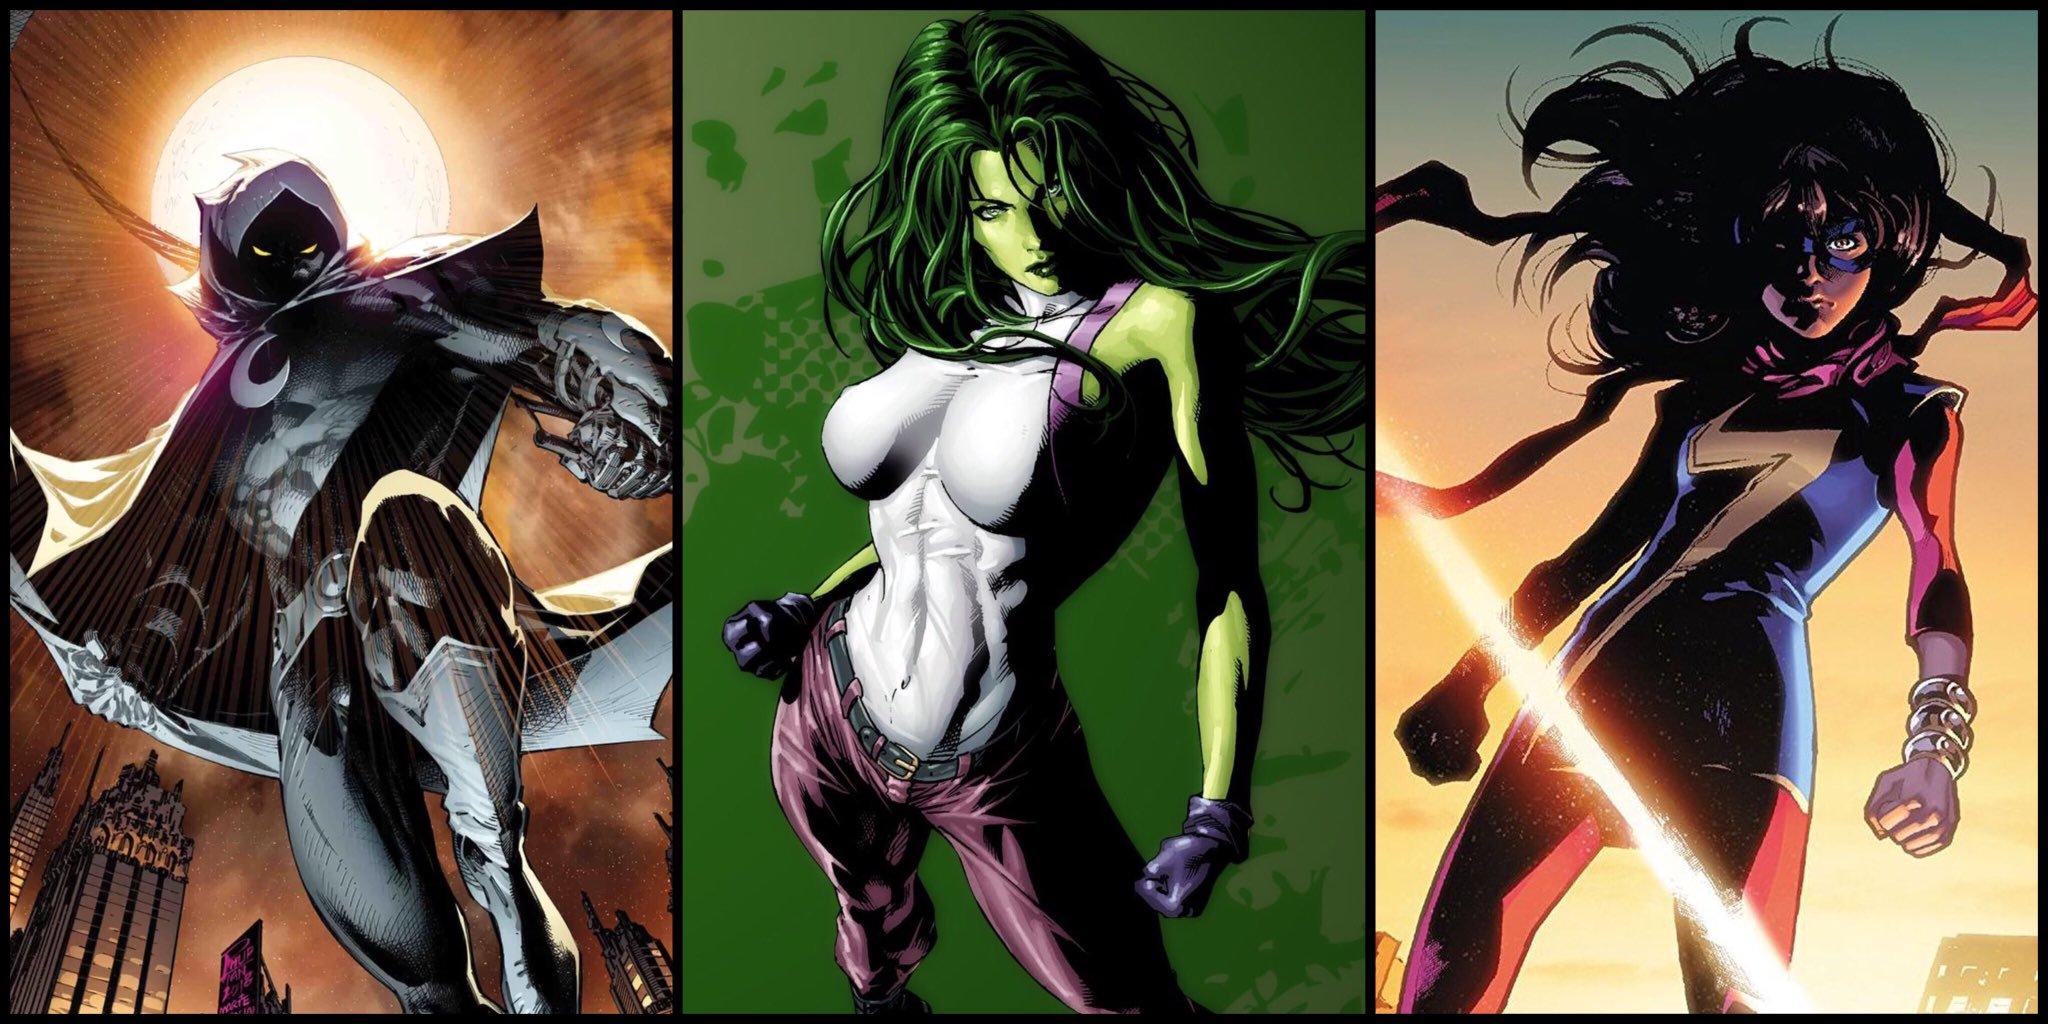 漫威电影第4阶段再添3部新作,女浩克等新英雄入场